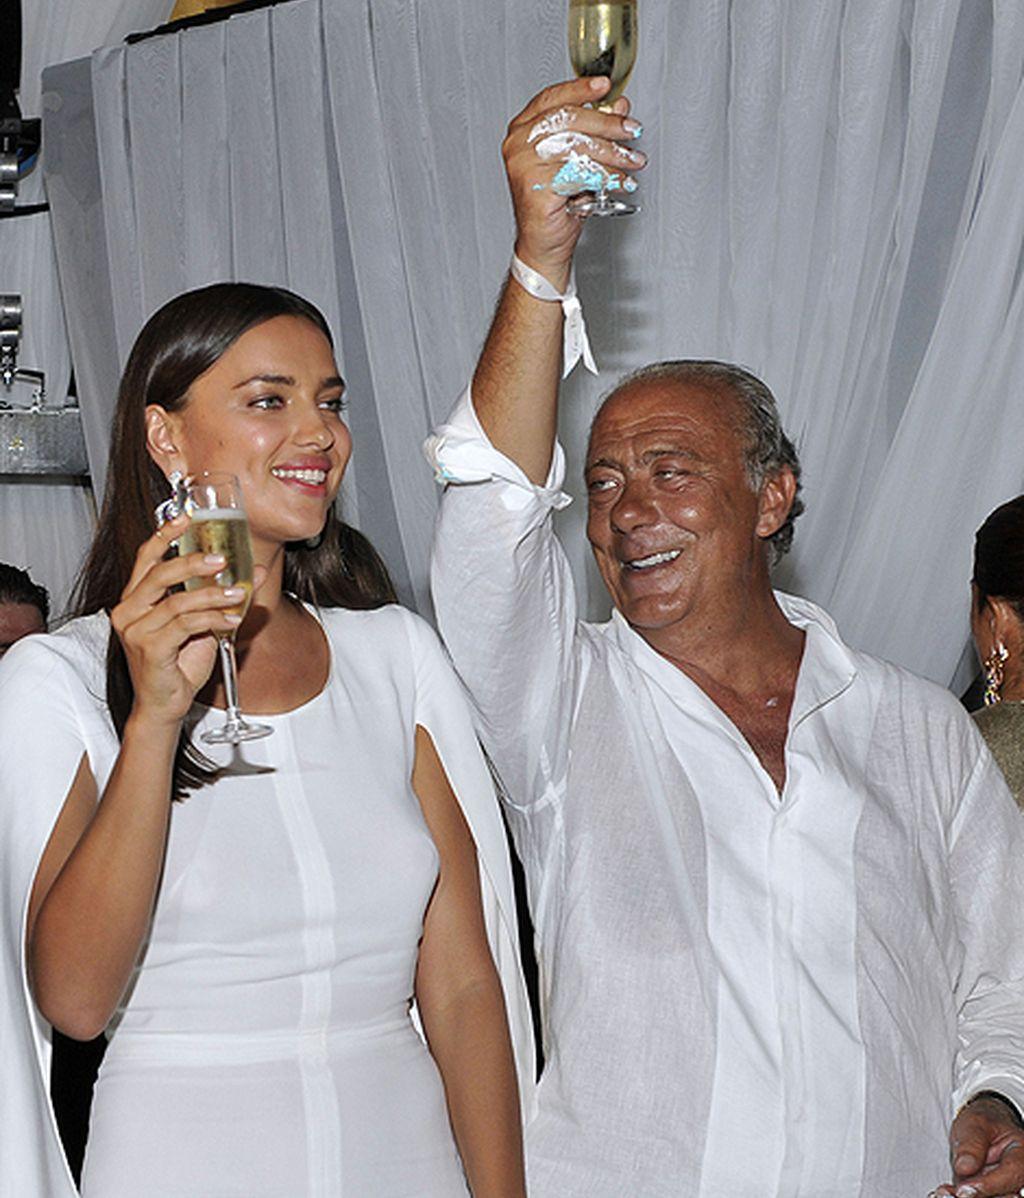 La modelo deslumbra con un vestido blanco de mangas abiertas